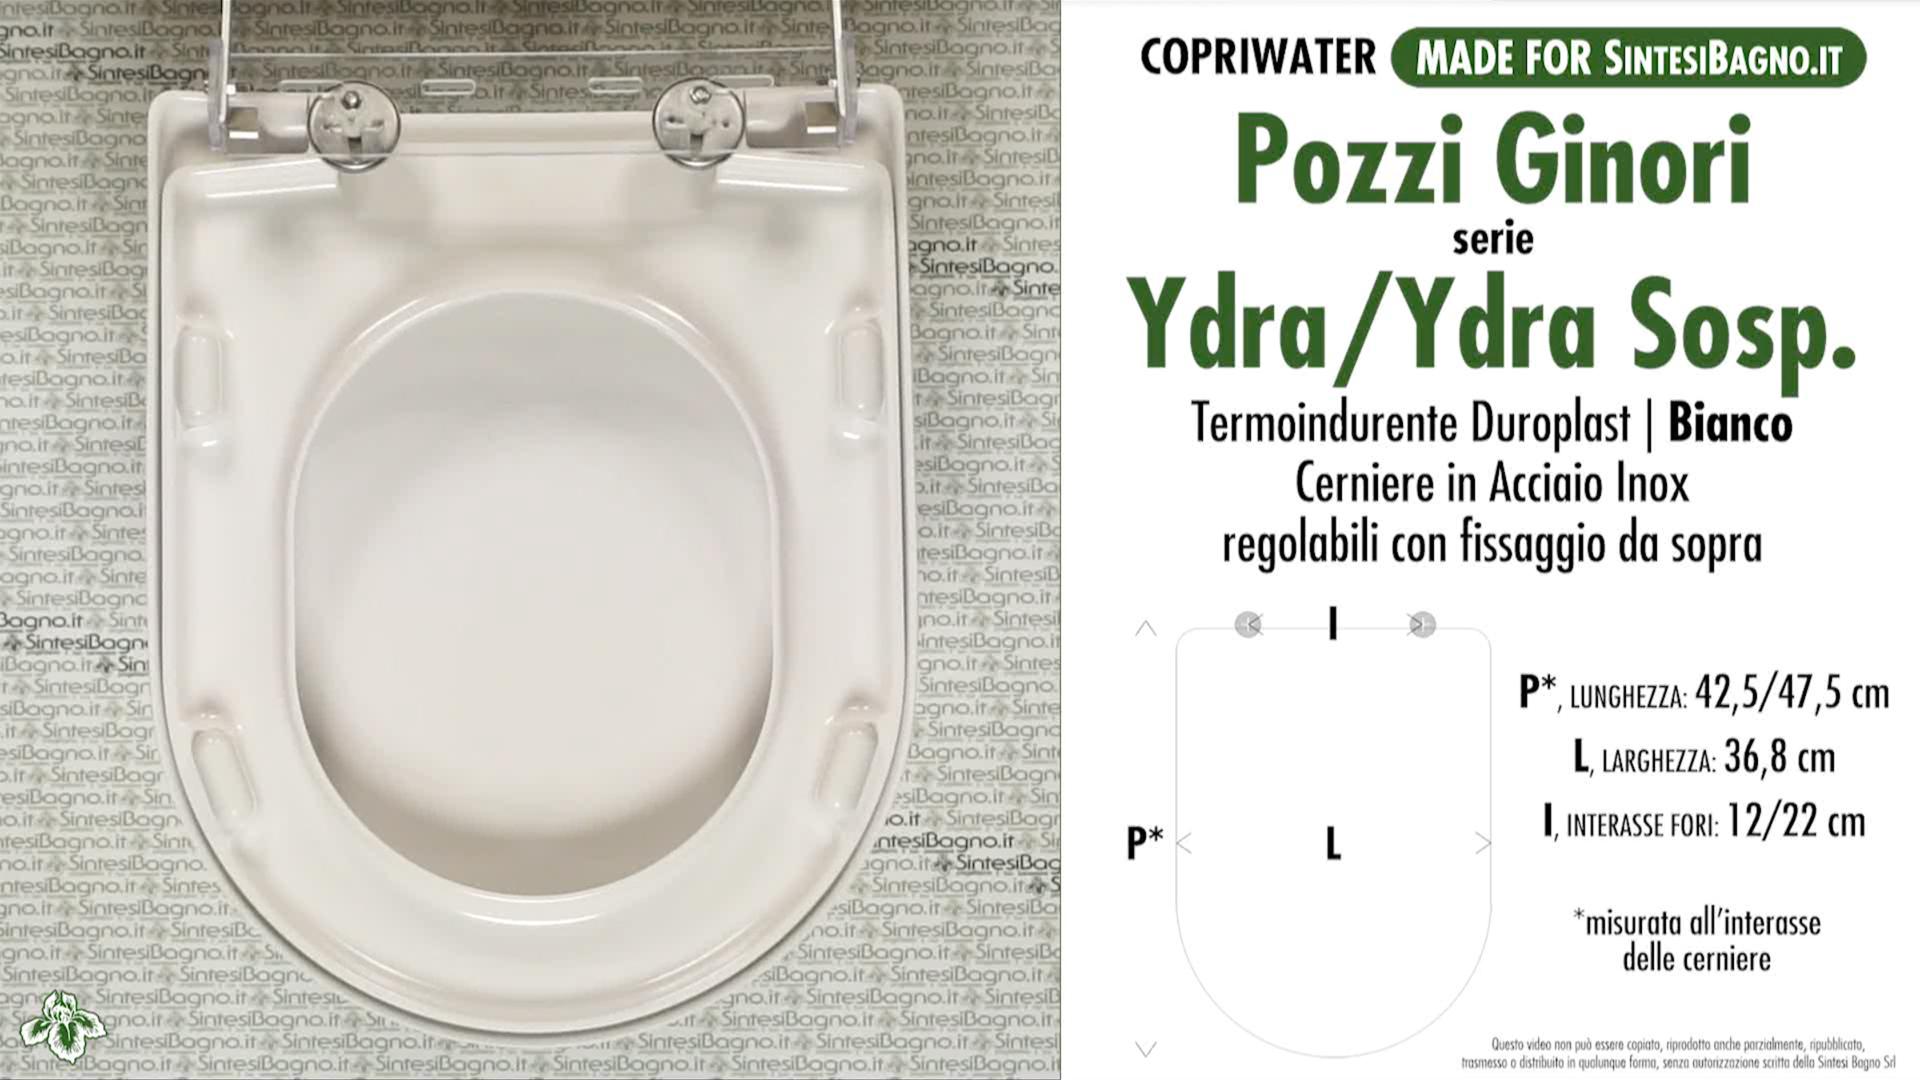 Copriwater dedicato vaso ydra ydra sospeso pozzi ginori for Cambiare tavoletta wc sospeso